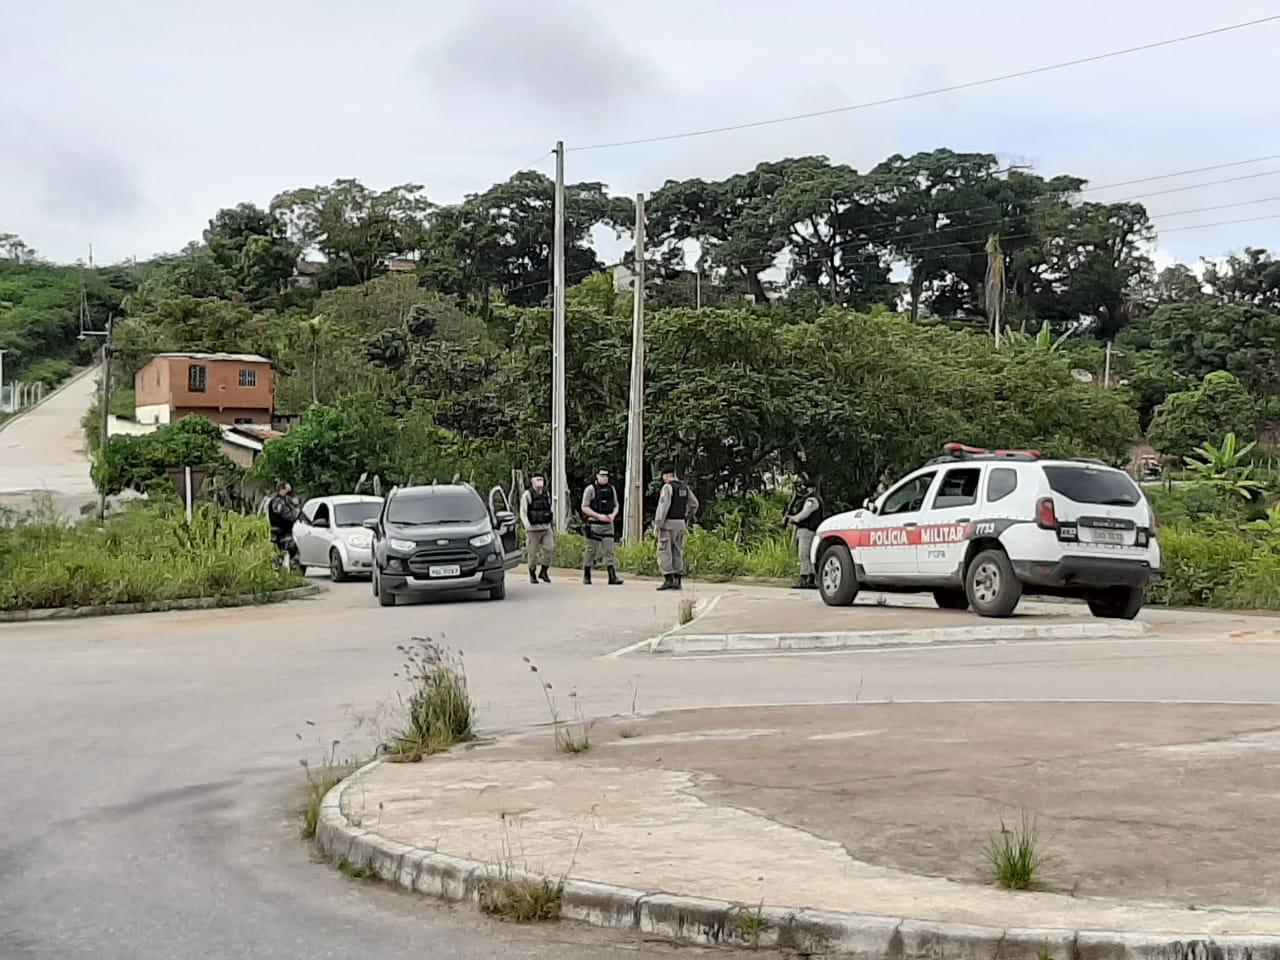 WhatsApp Image 2020 07 09 at 13.25.07 1 - Forças policiais paraibanas reforçam segurança na divisa entre Paraíba e Pernambuco